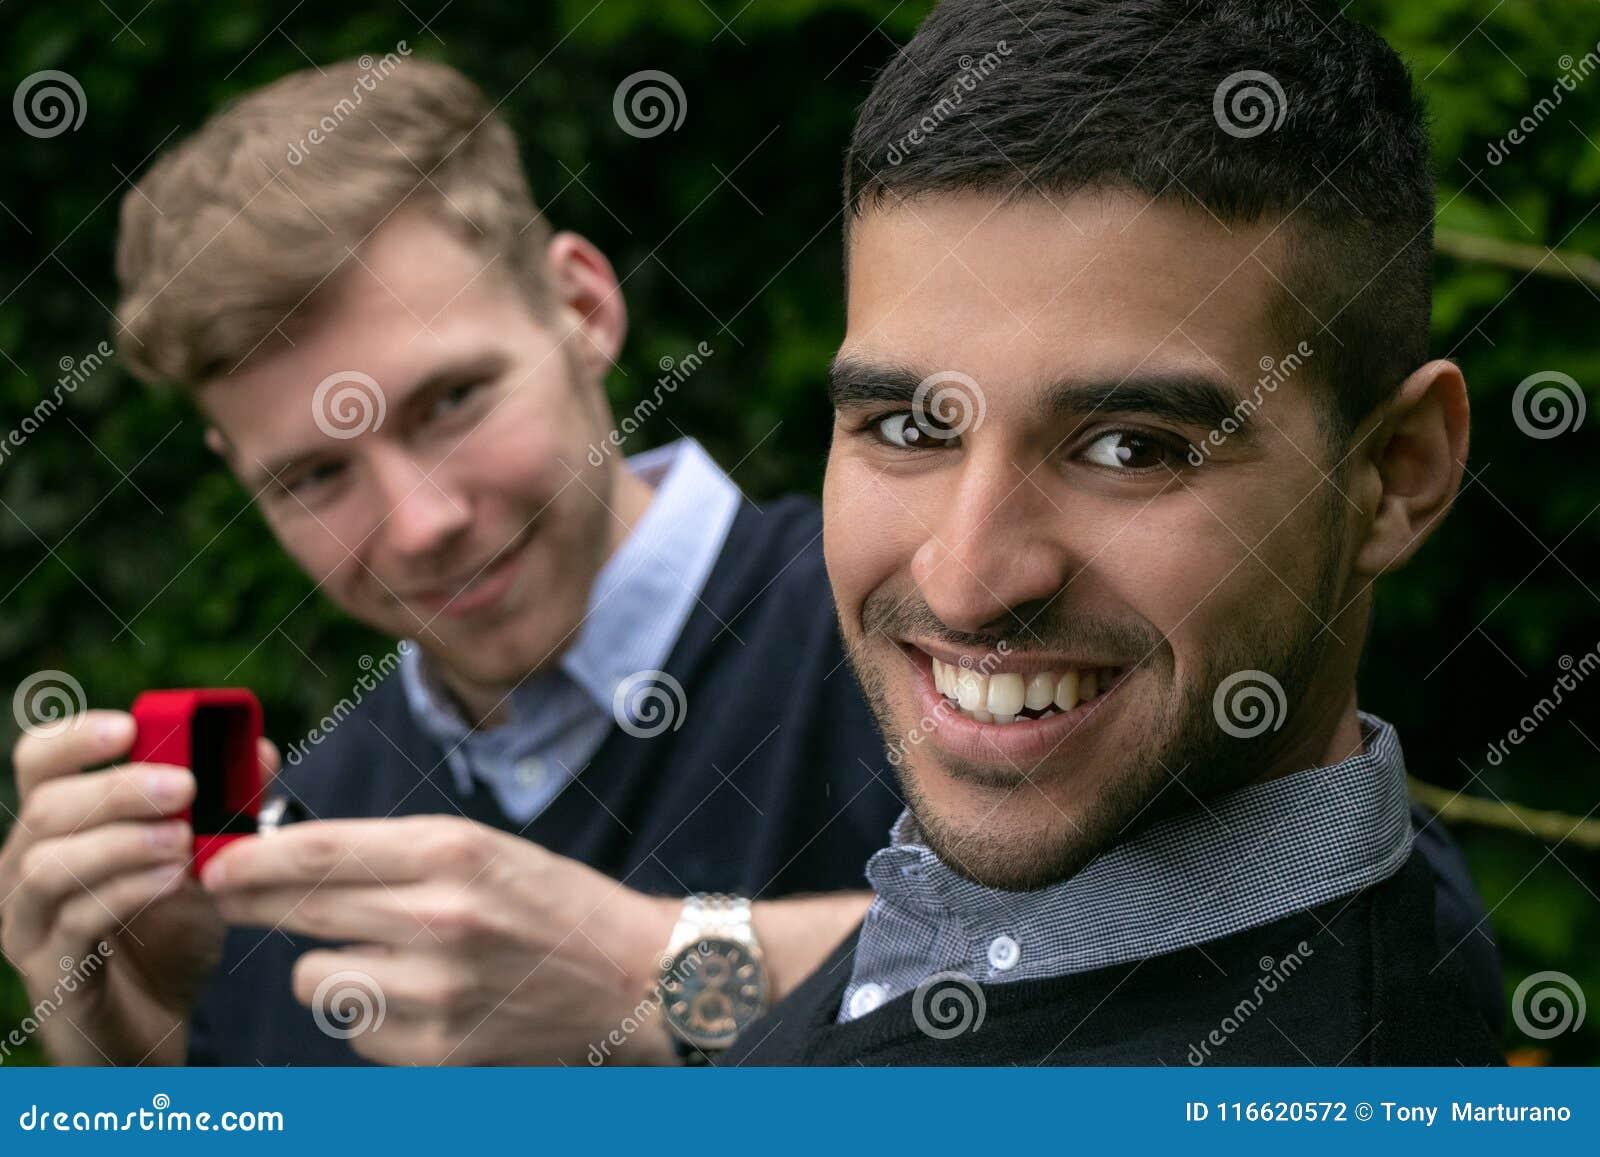 los hombres gay enganchar